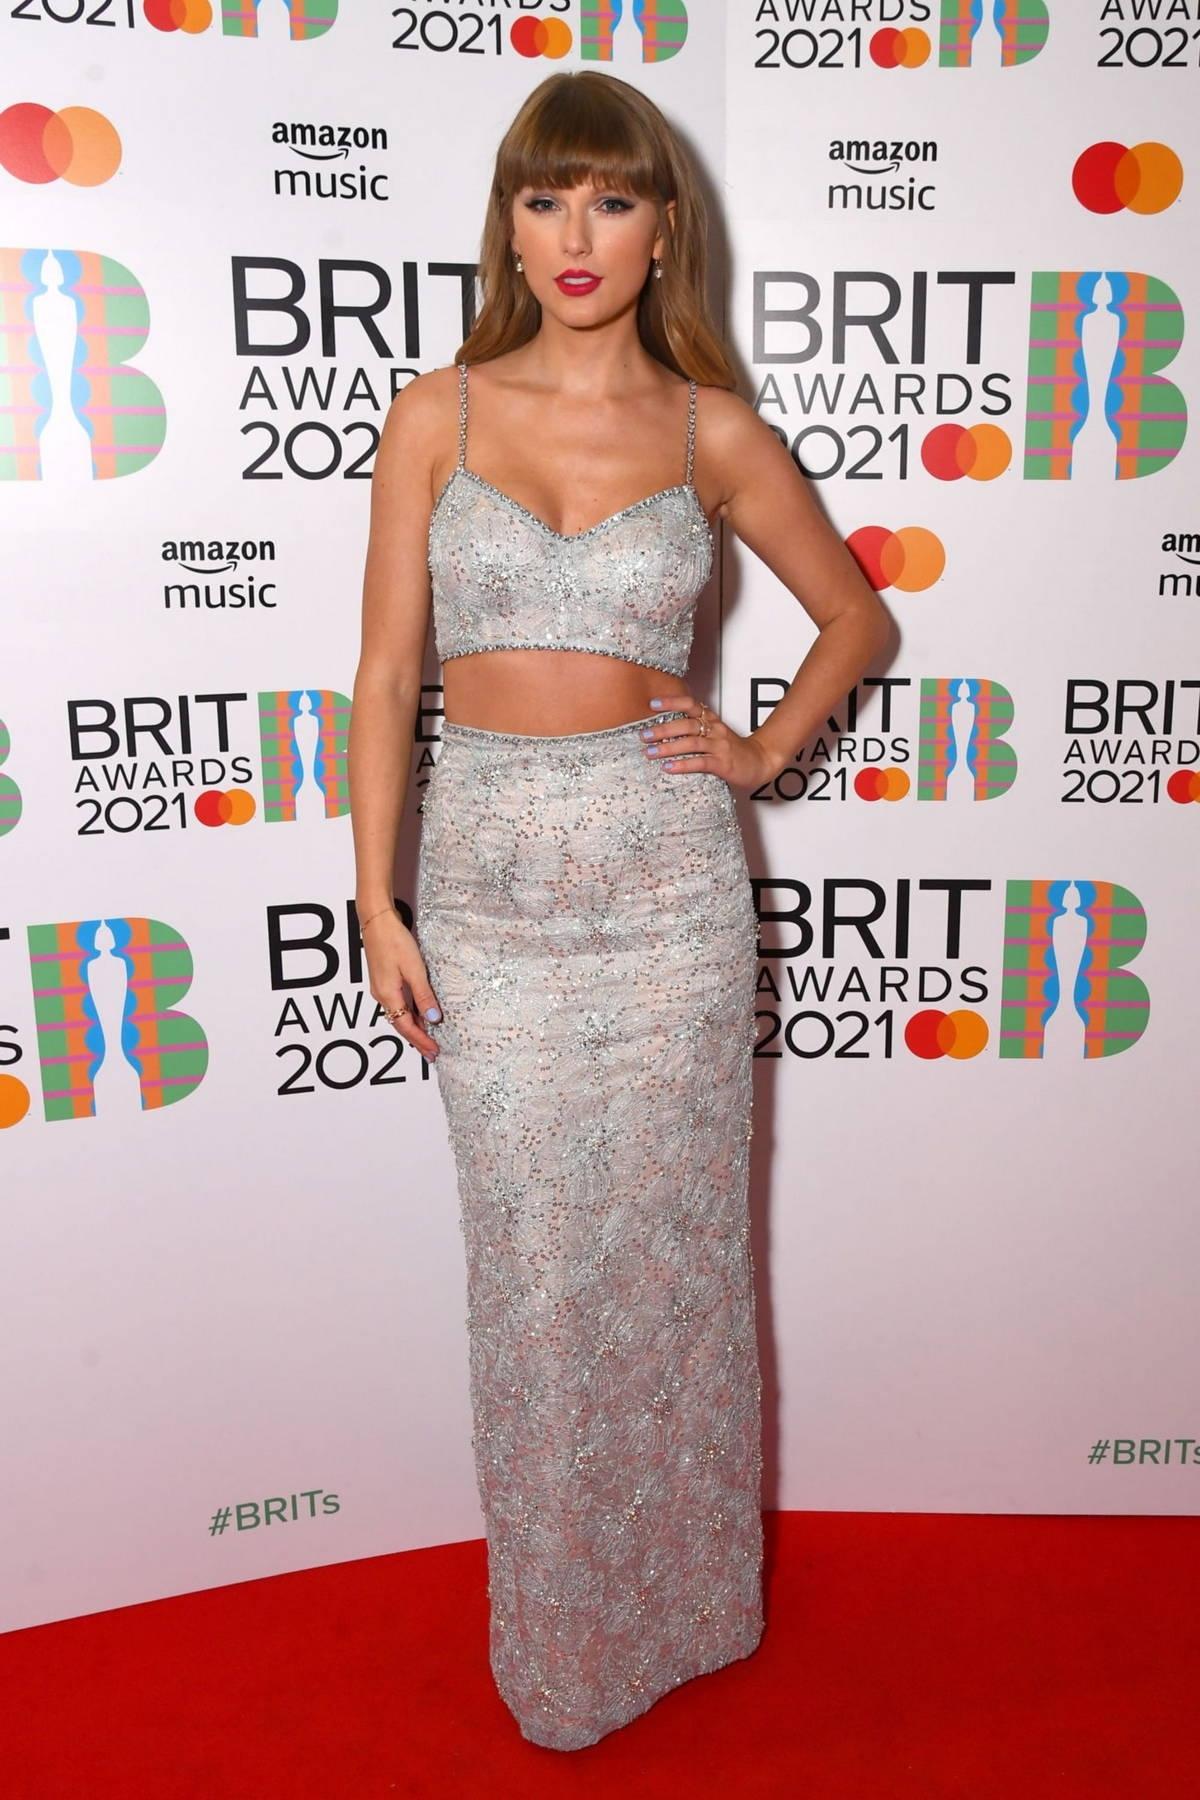 Самые яркие образы звезд на красной дорожке BRIT Awards 2021 (ФОТО) - фото №5